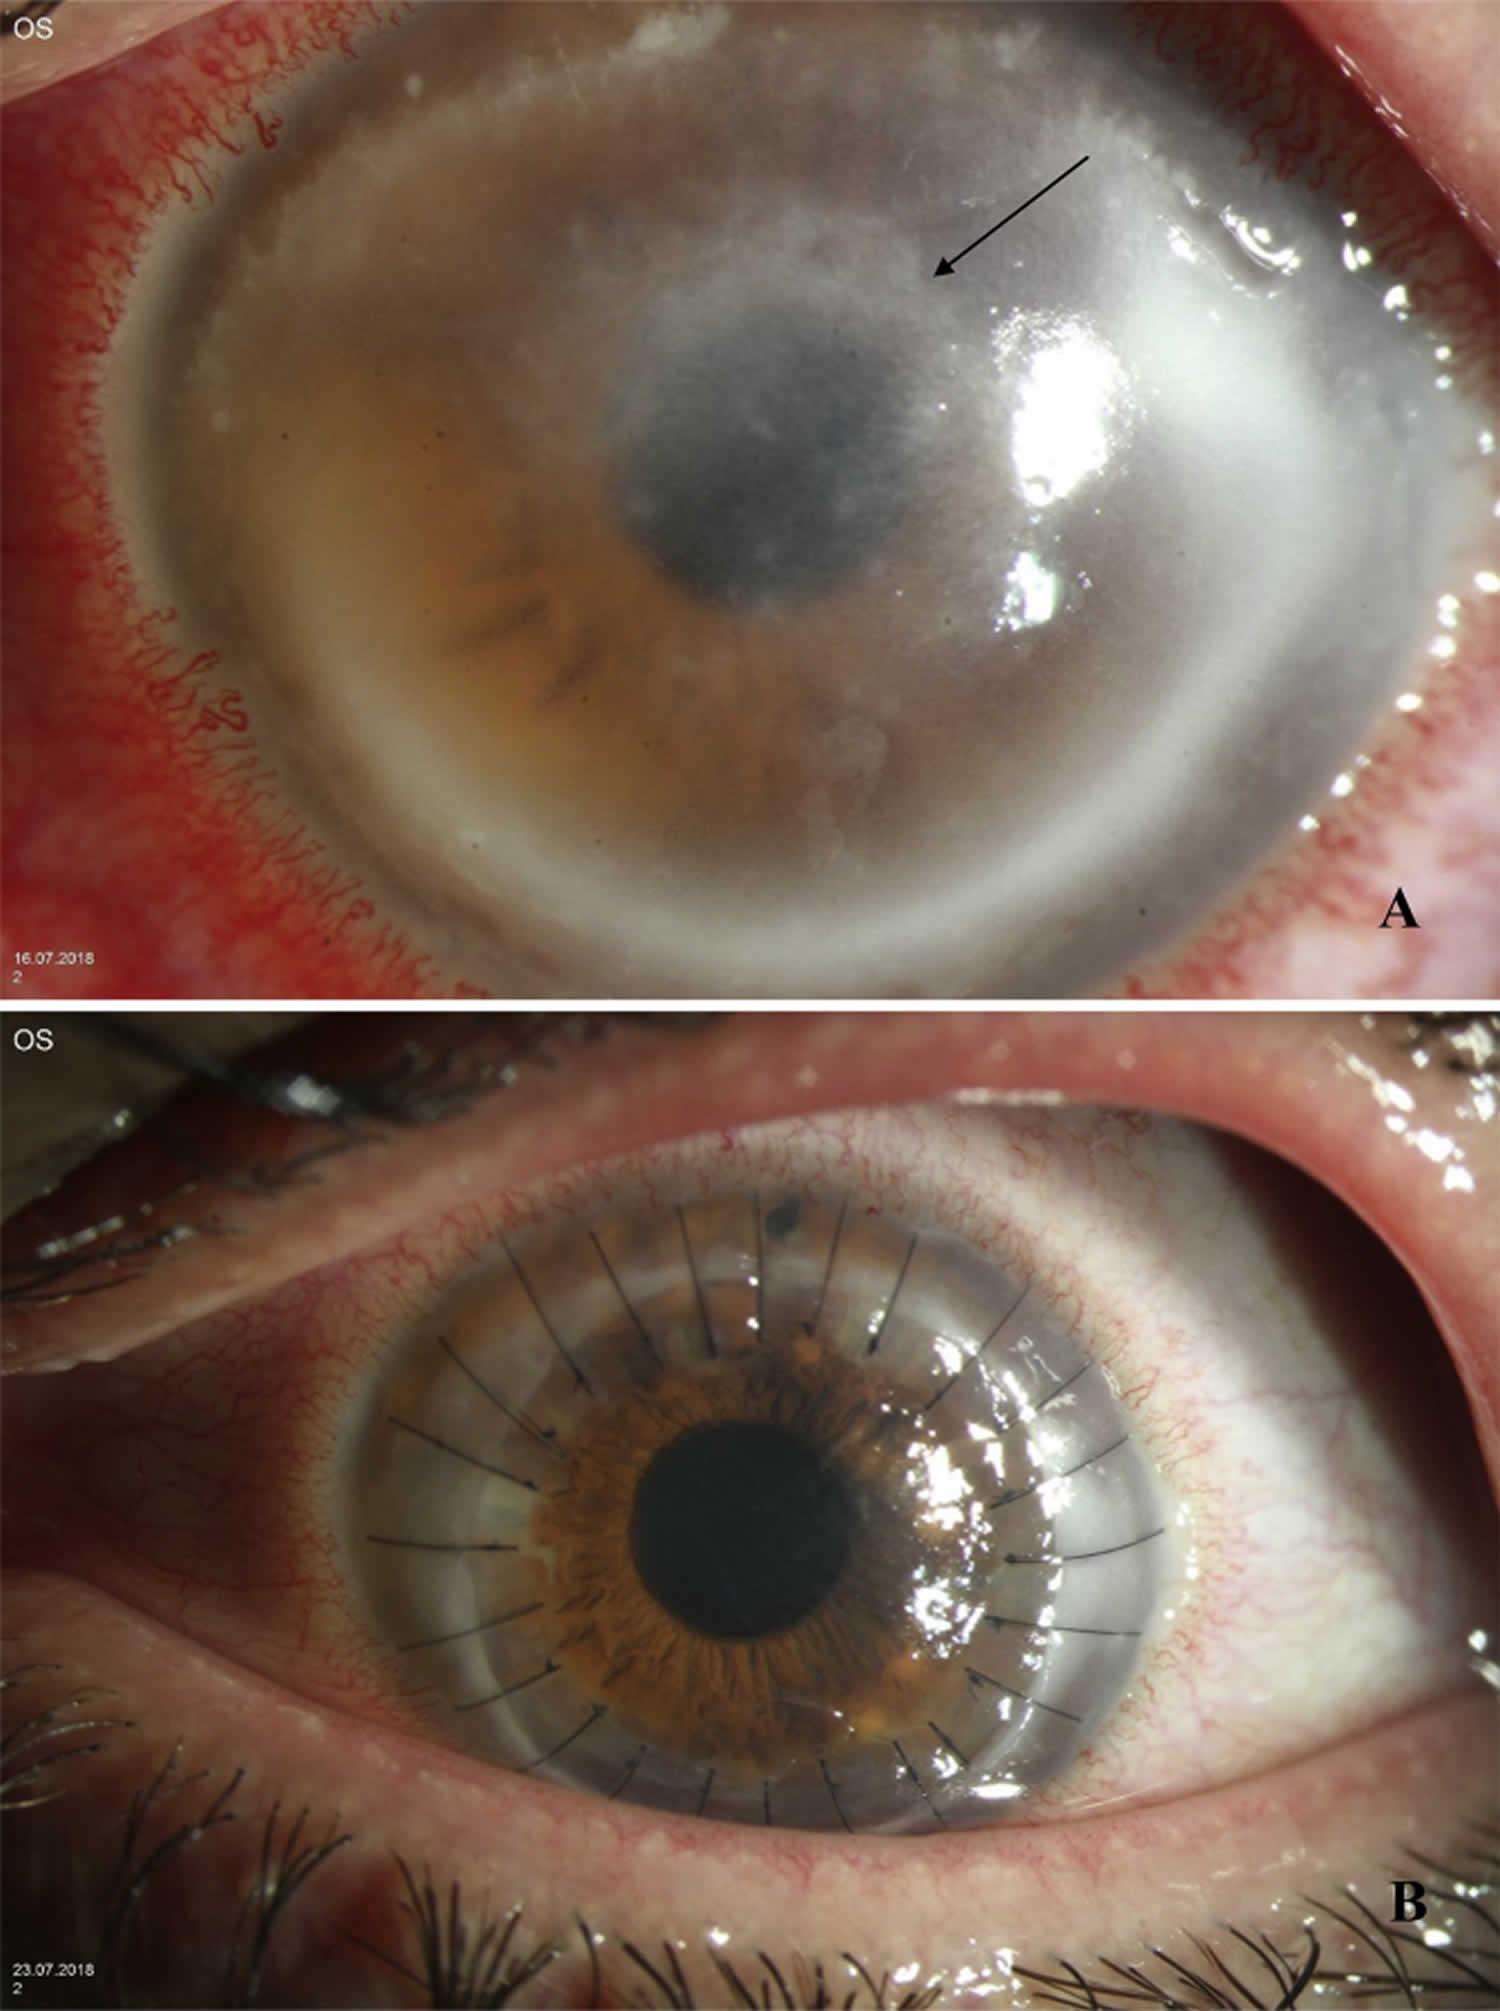 Acanthamoeba keratitis multifocal stromal infiltrates signs